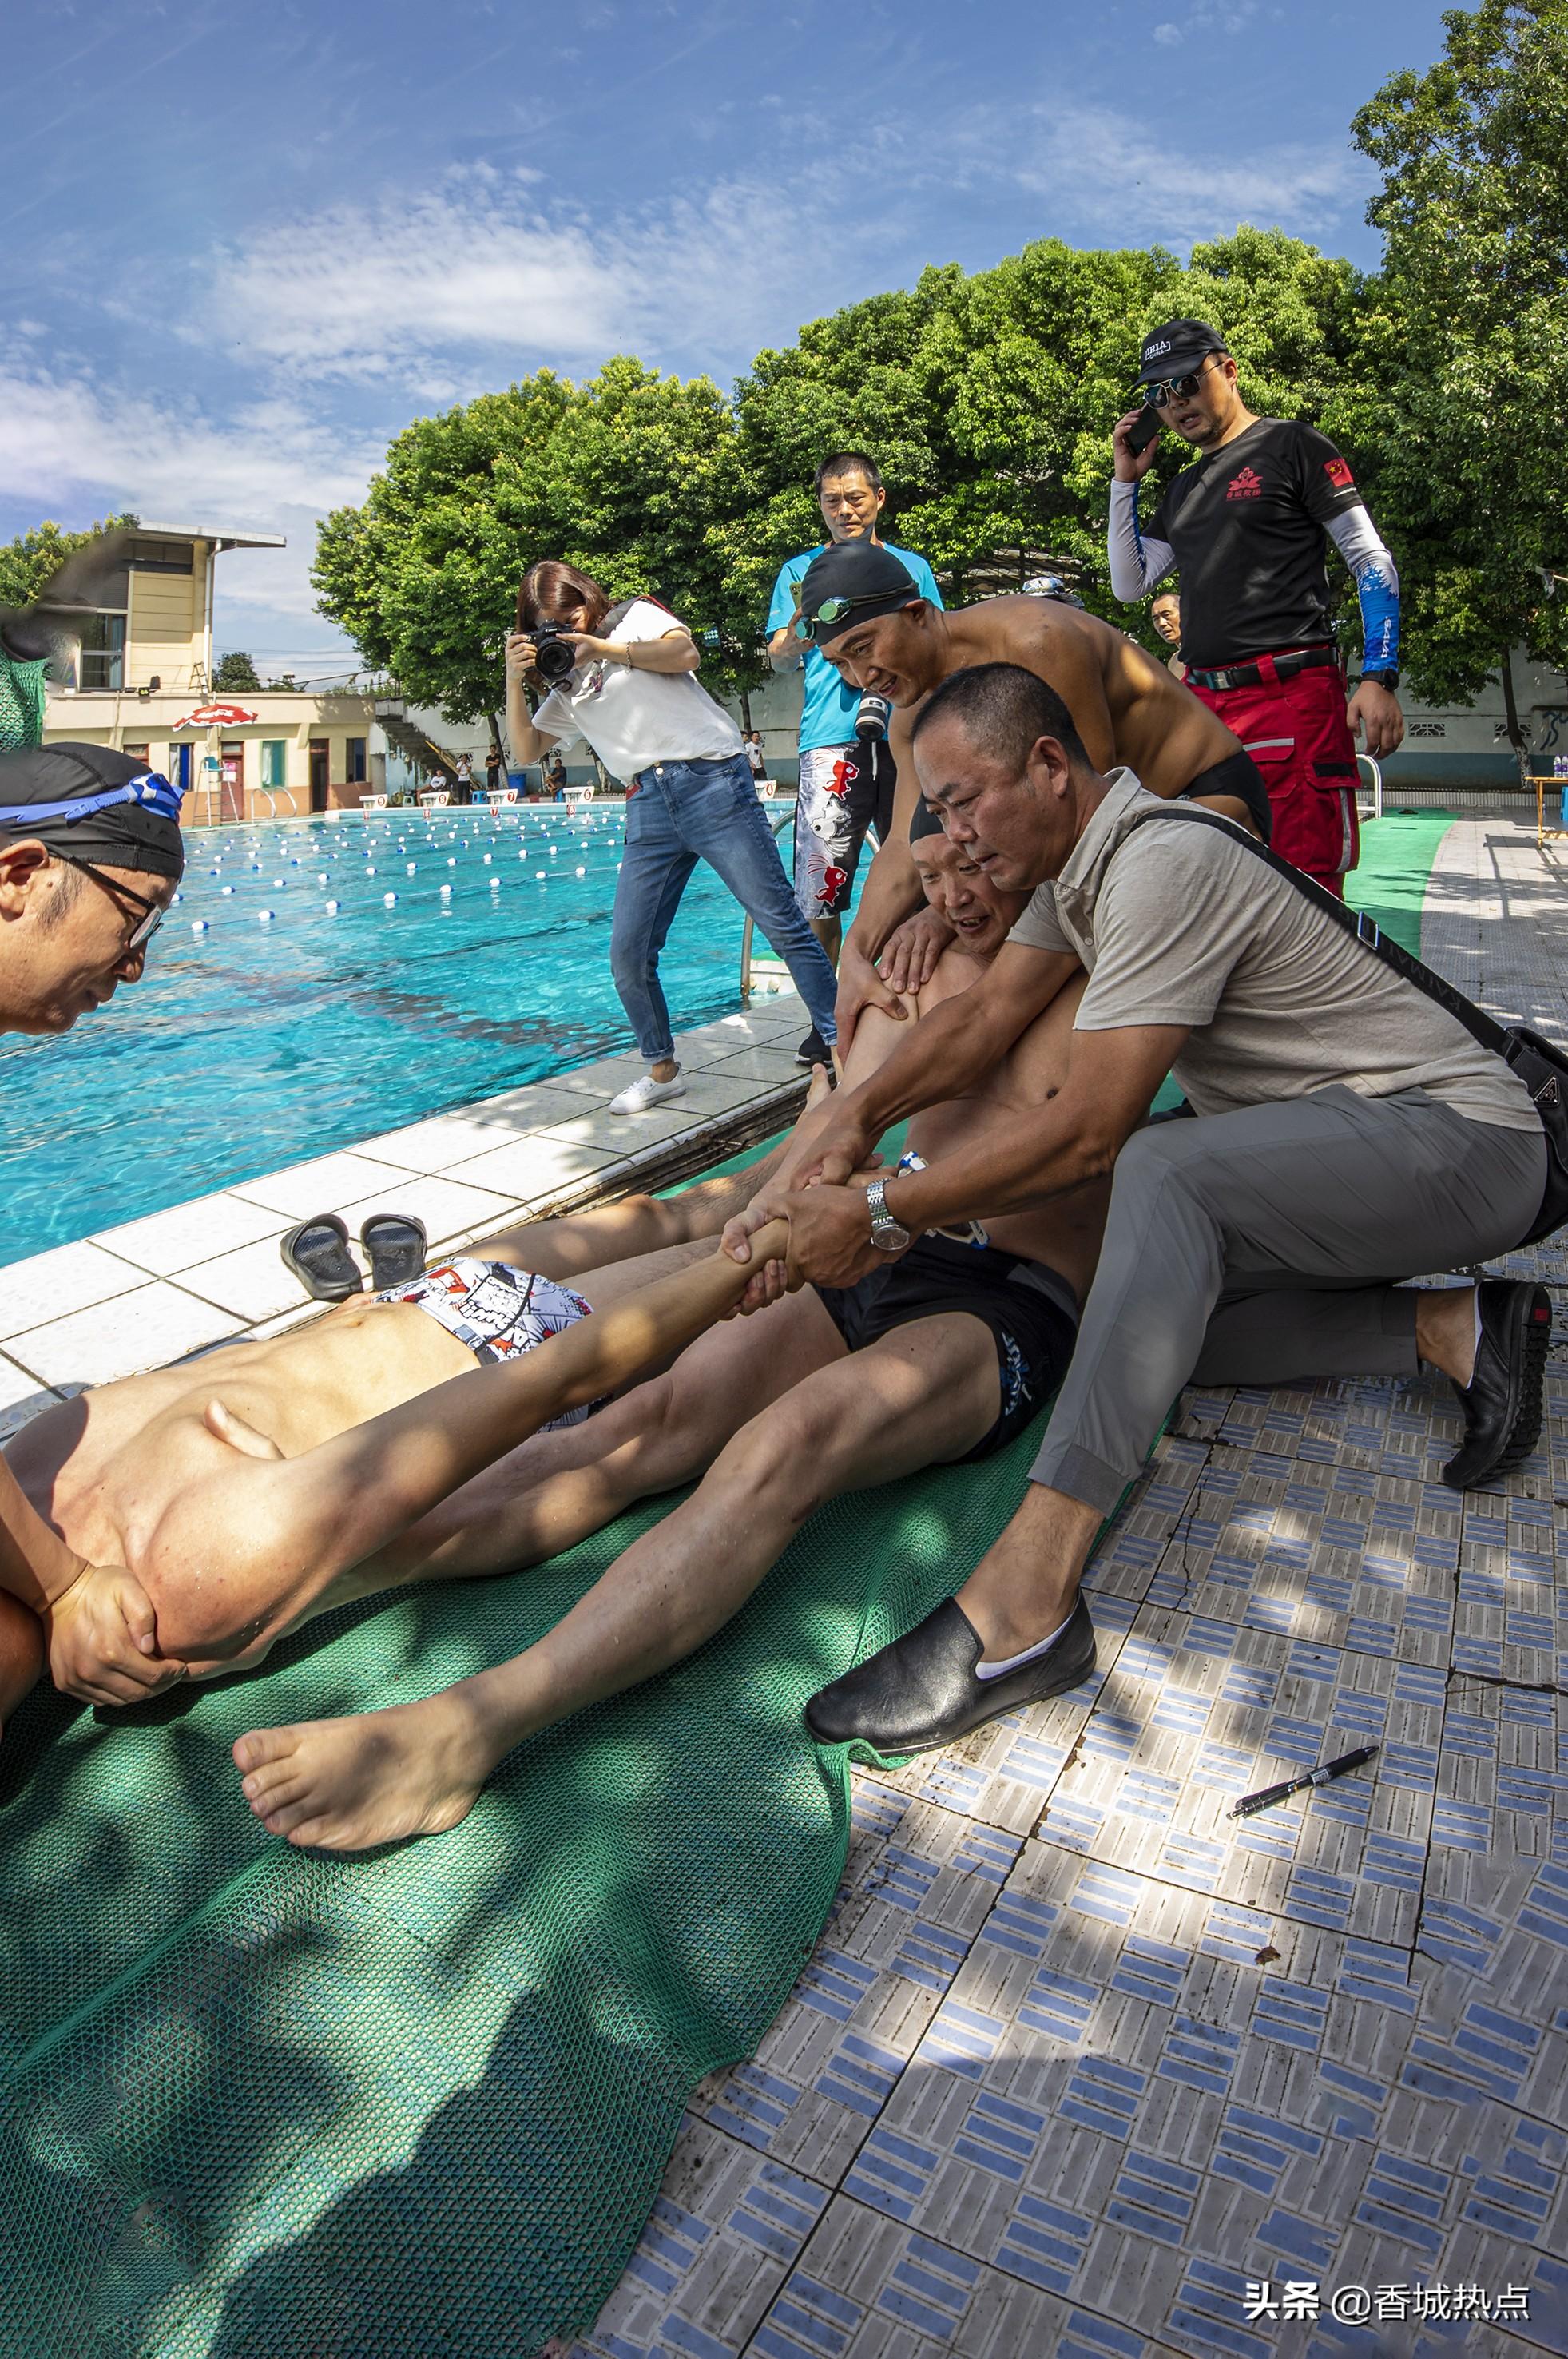 """小伙游泳用力过猛肩关节脱位 骨科医生现场及时""""复位"""""""